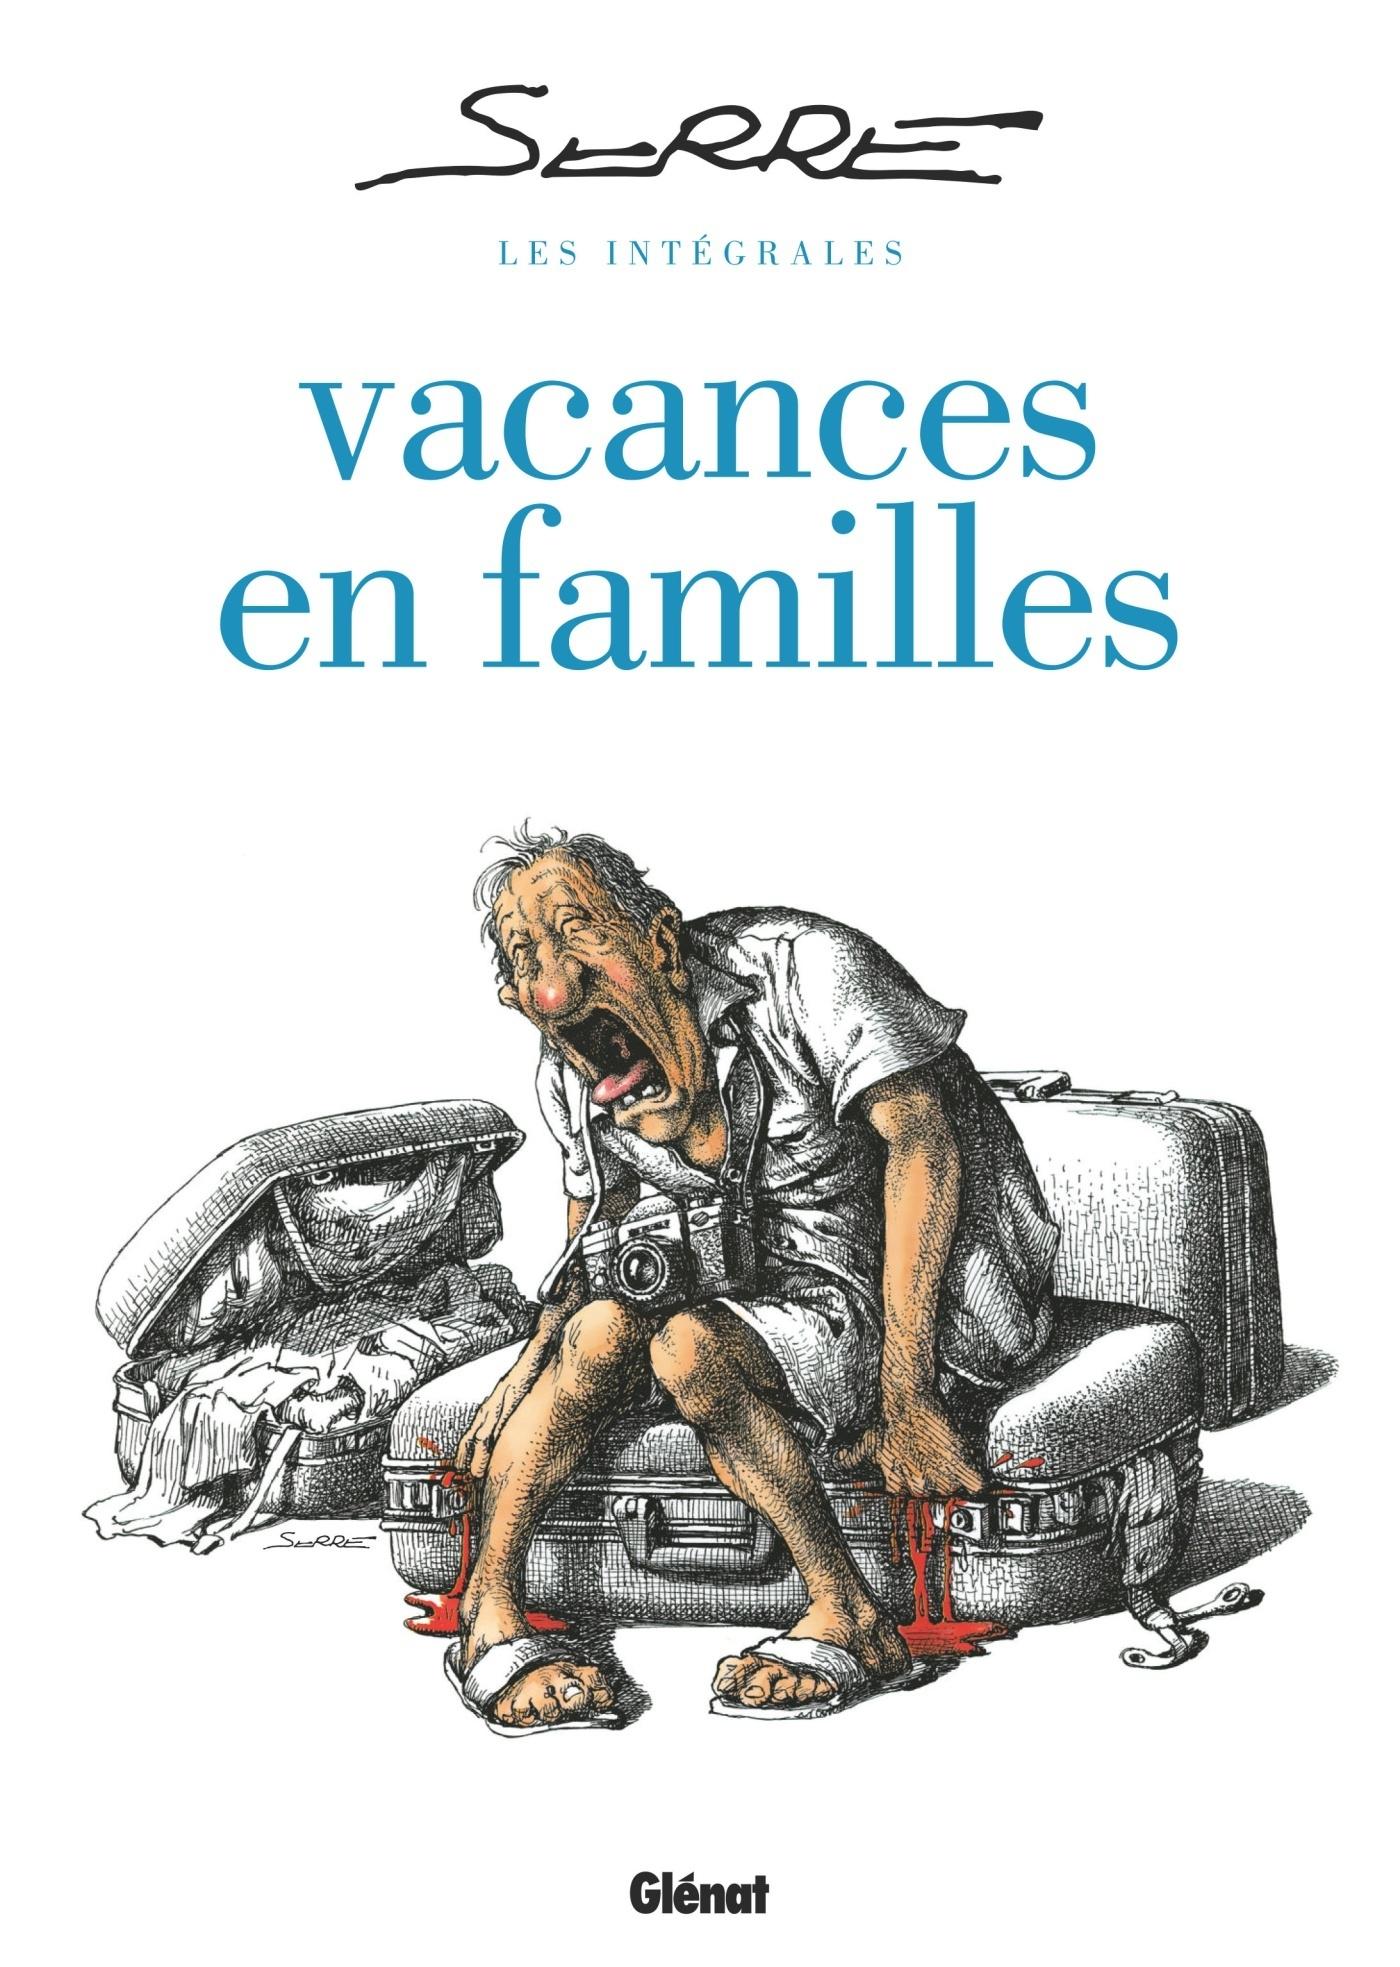 INTEGRALES SERRE - VACANCES EN FAMILLES